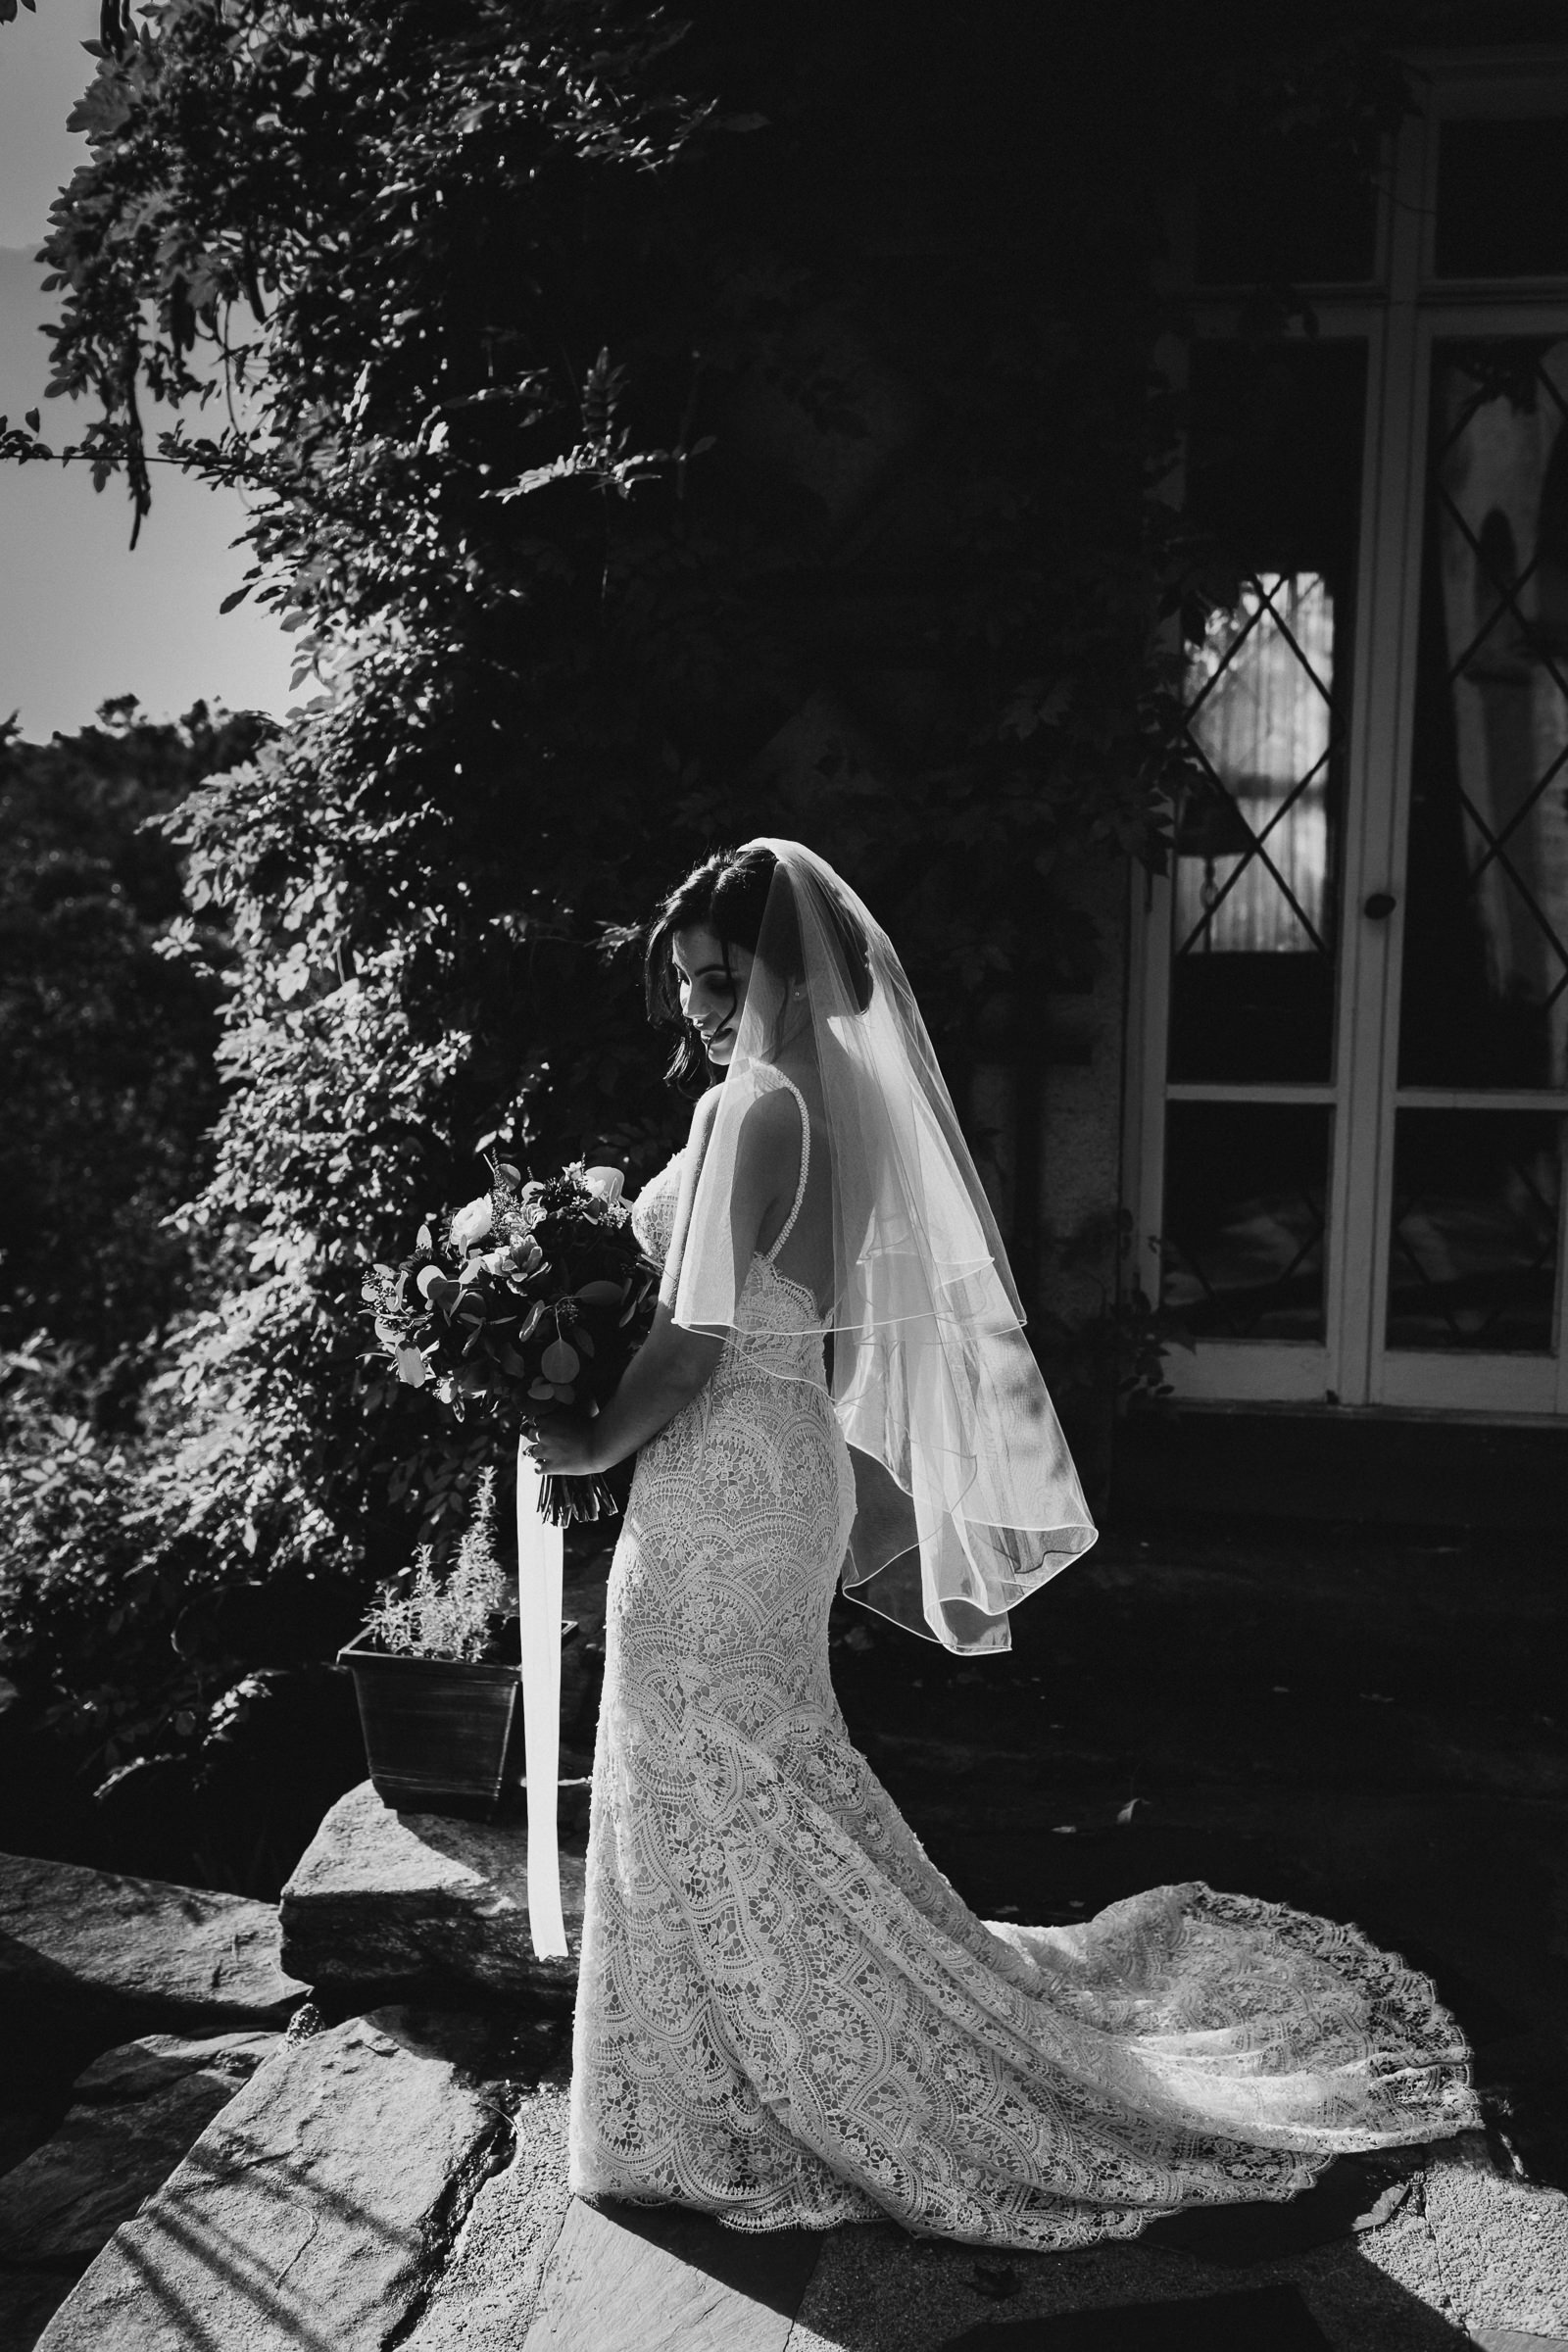 Arrow-Park-Monroe-NY-Documentary-Wedding-Photographer-35.jpg